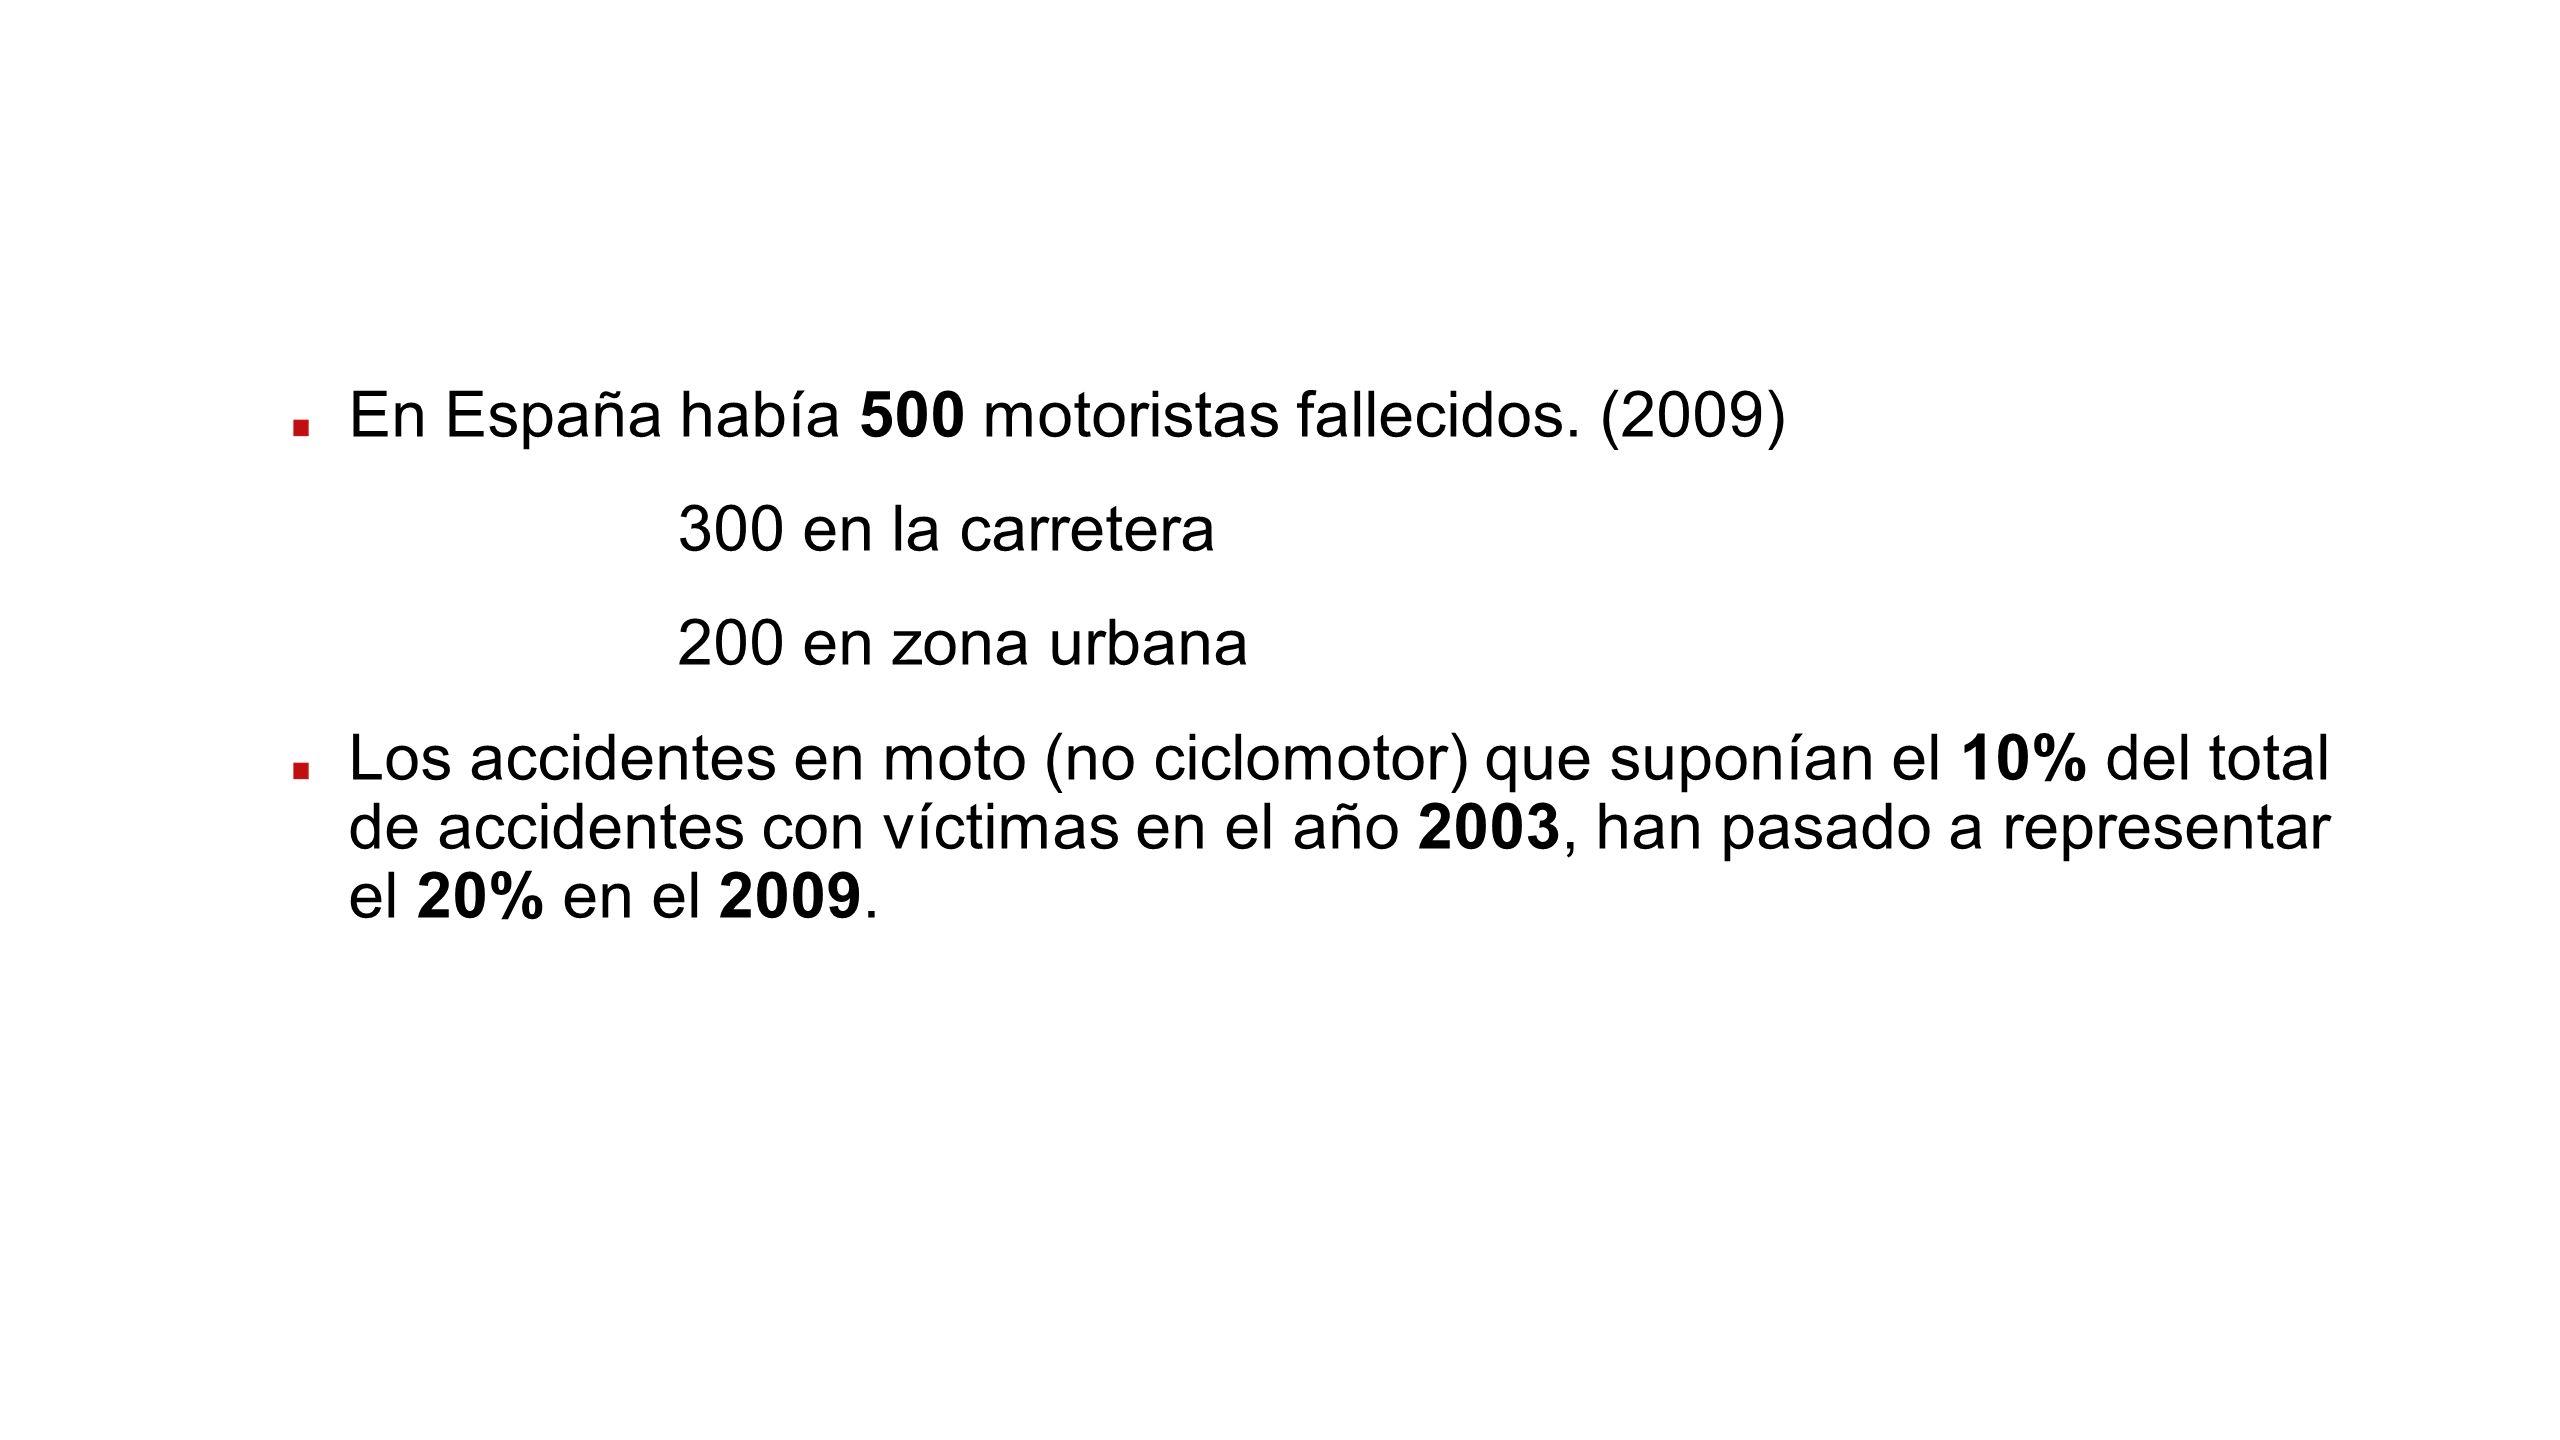 En España había 500 motoristas fallecidos. (2009) 300 en la carretera 200 en zona urbana Los accidentes en moto (no ciclomotor) que suponían el 10% de